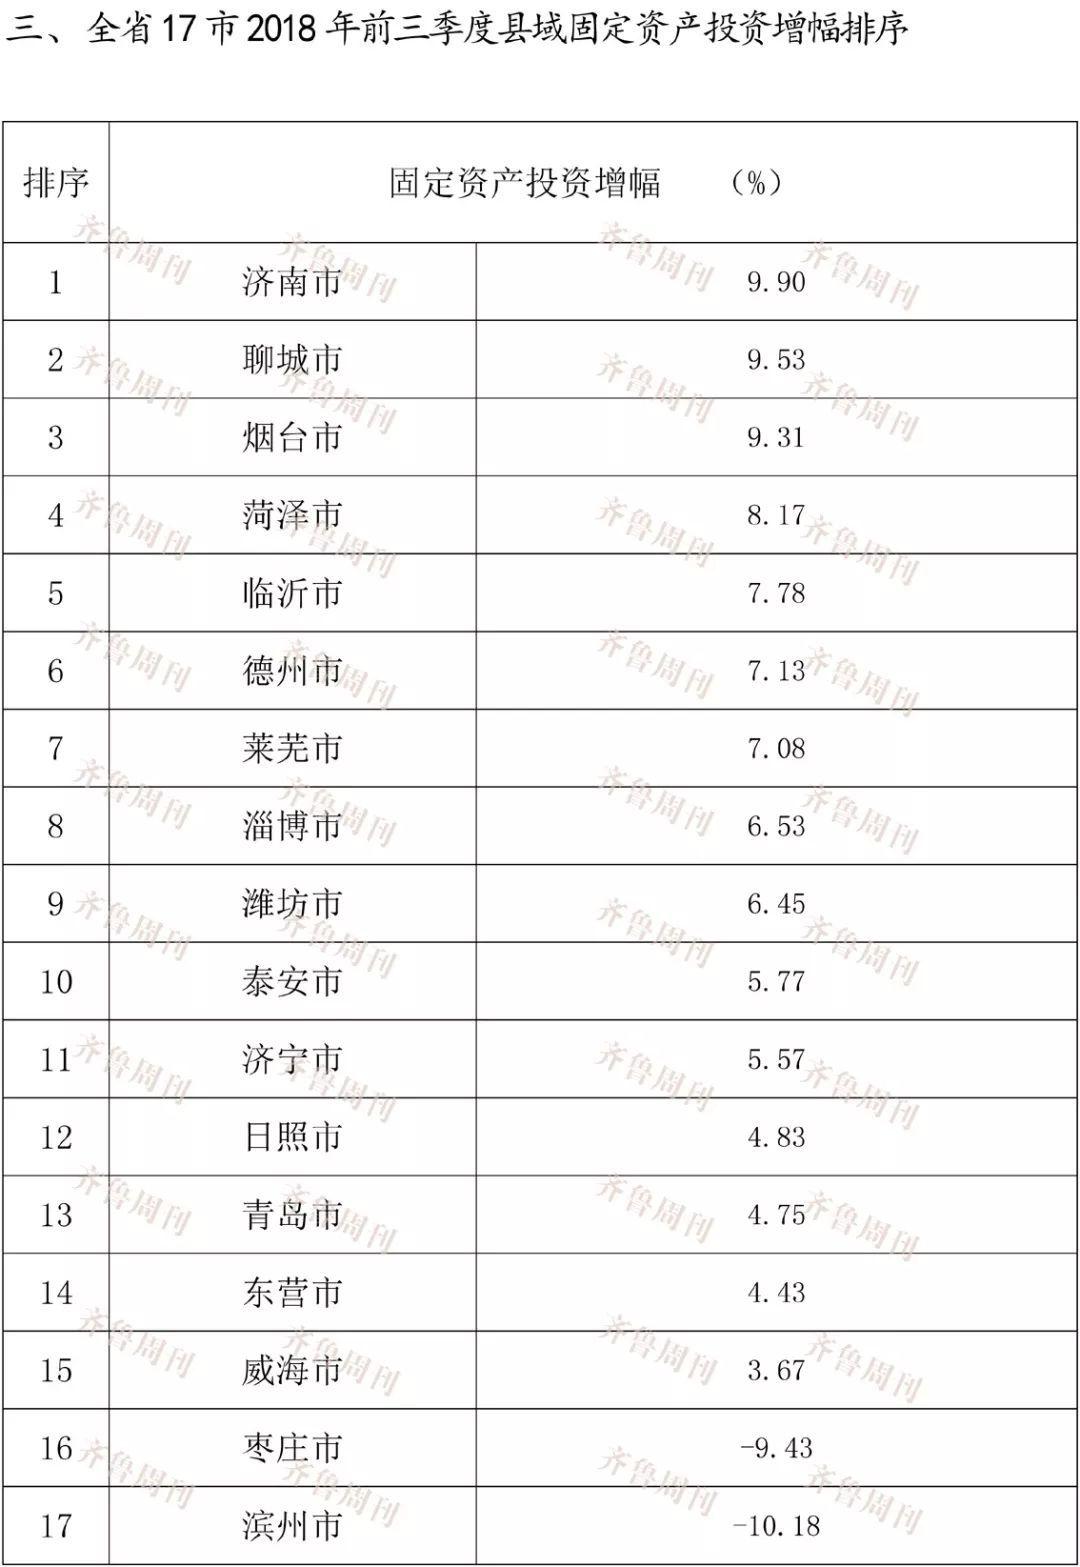 潍坊gdp排名全国_潍坊人均GDP排行出炉 第一名竟是这个地方 你家乡排名第几